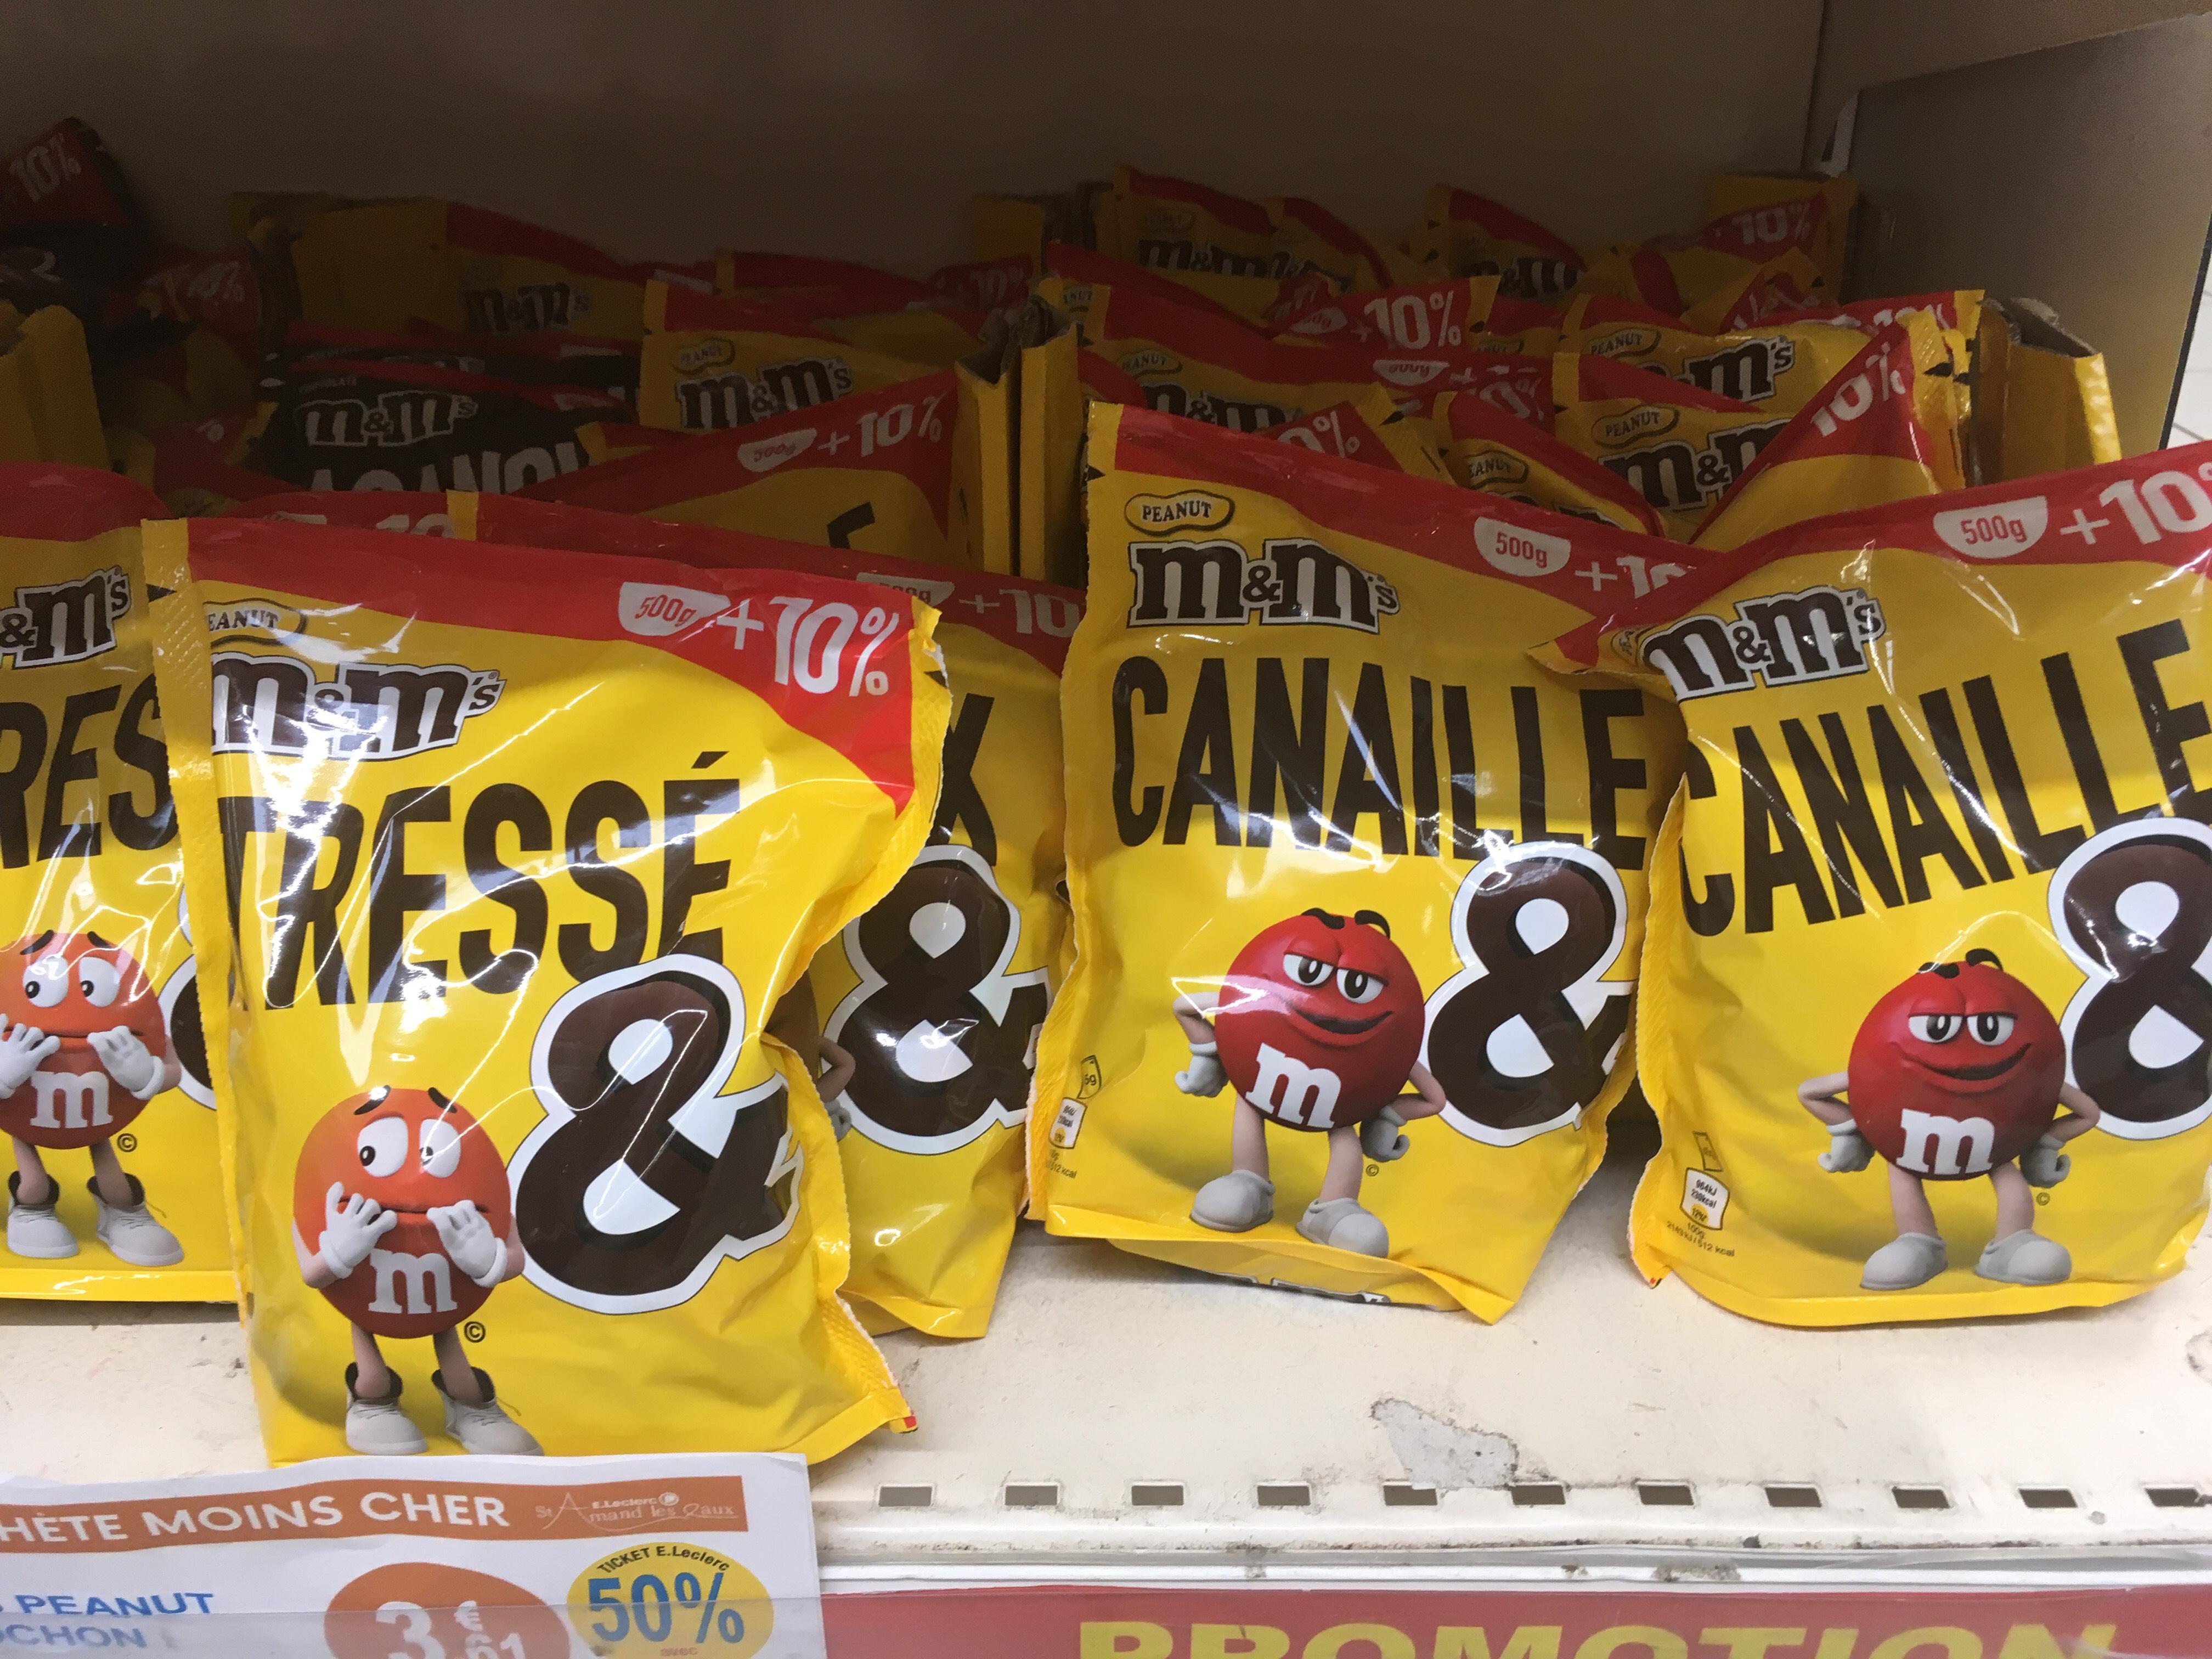 Paquet de M&M'S Peanuts ou Chocolat - 550g (via 1.81€ sur la carte fidélité) - Saint Amand les Eaux (59)